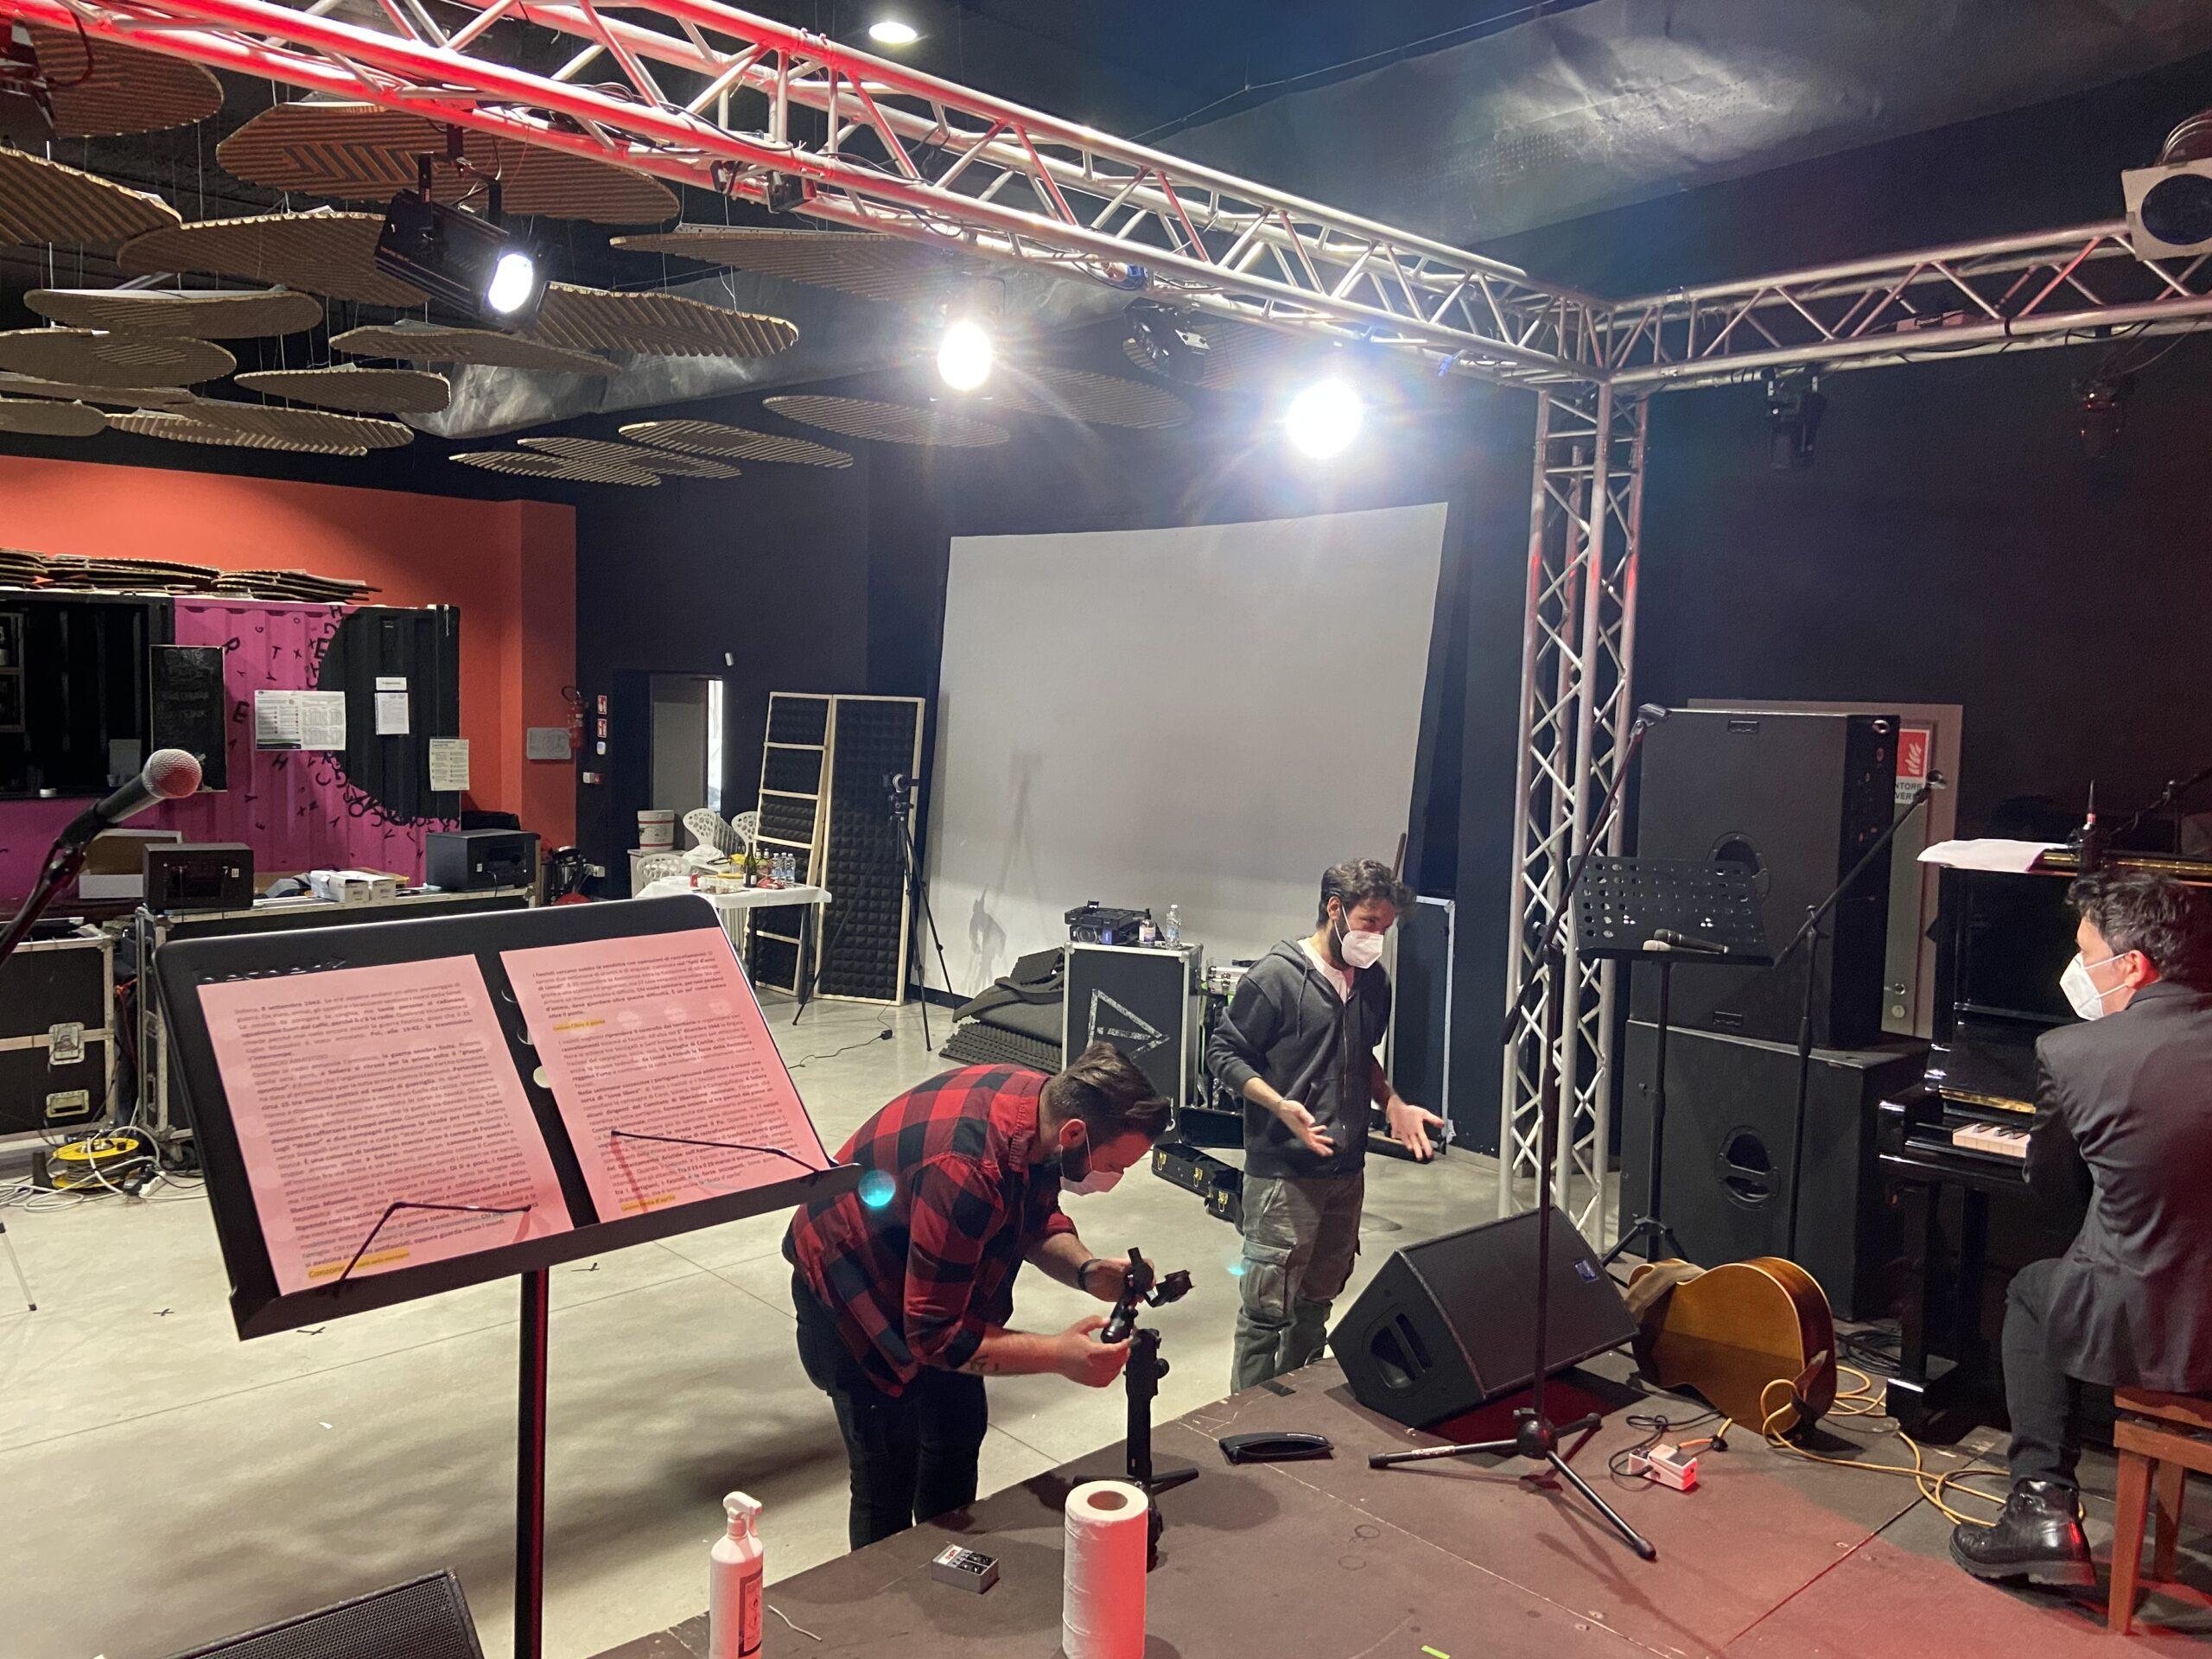 La preparazione del concerto-racconto